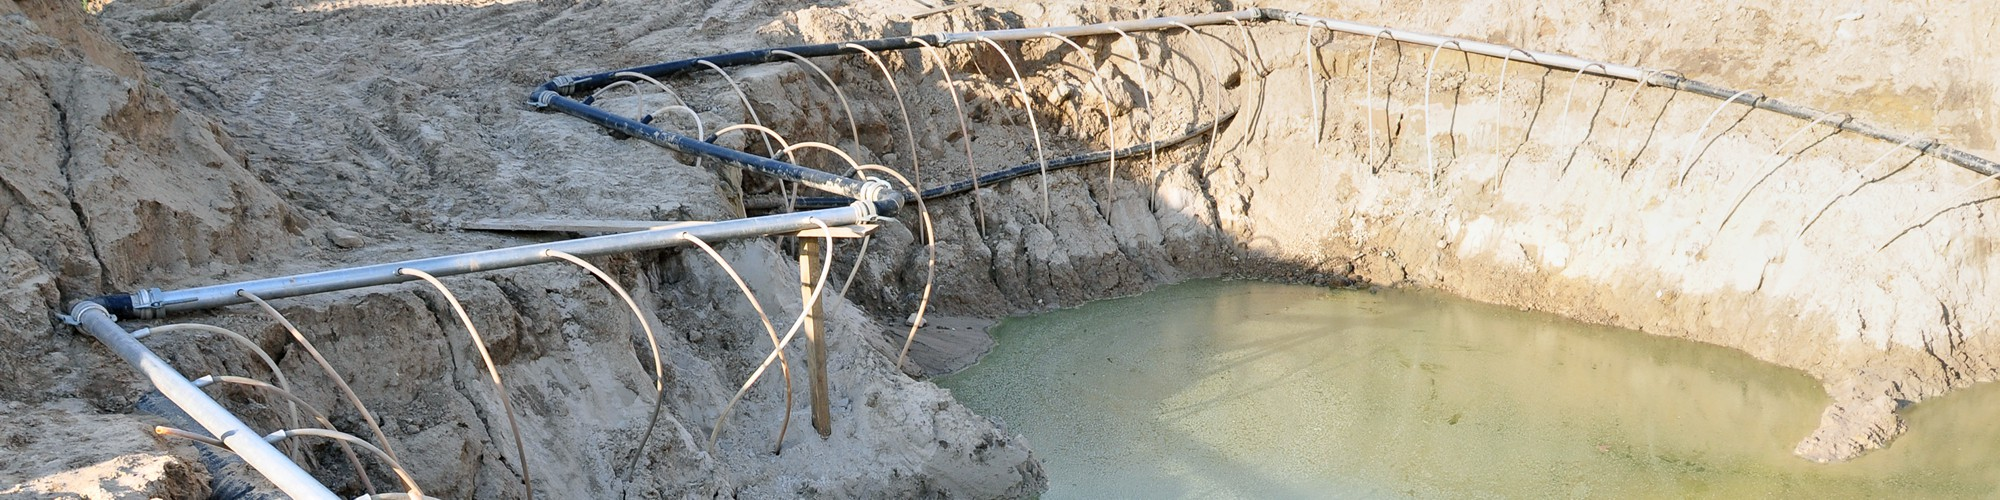 Foto Schläuche in offener Baugrube zur Wasserhaltung